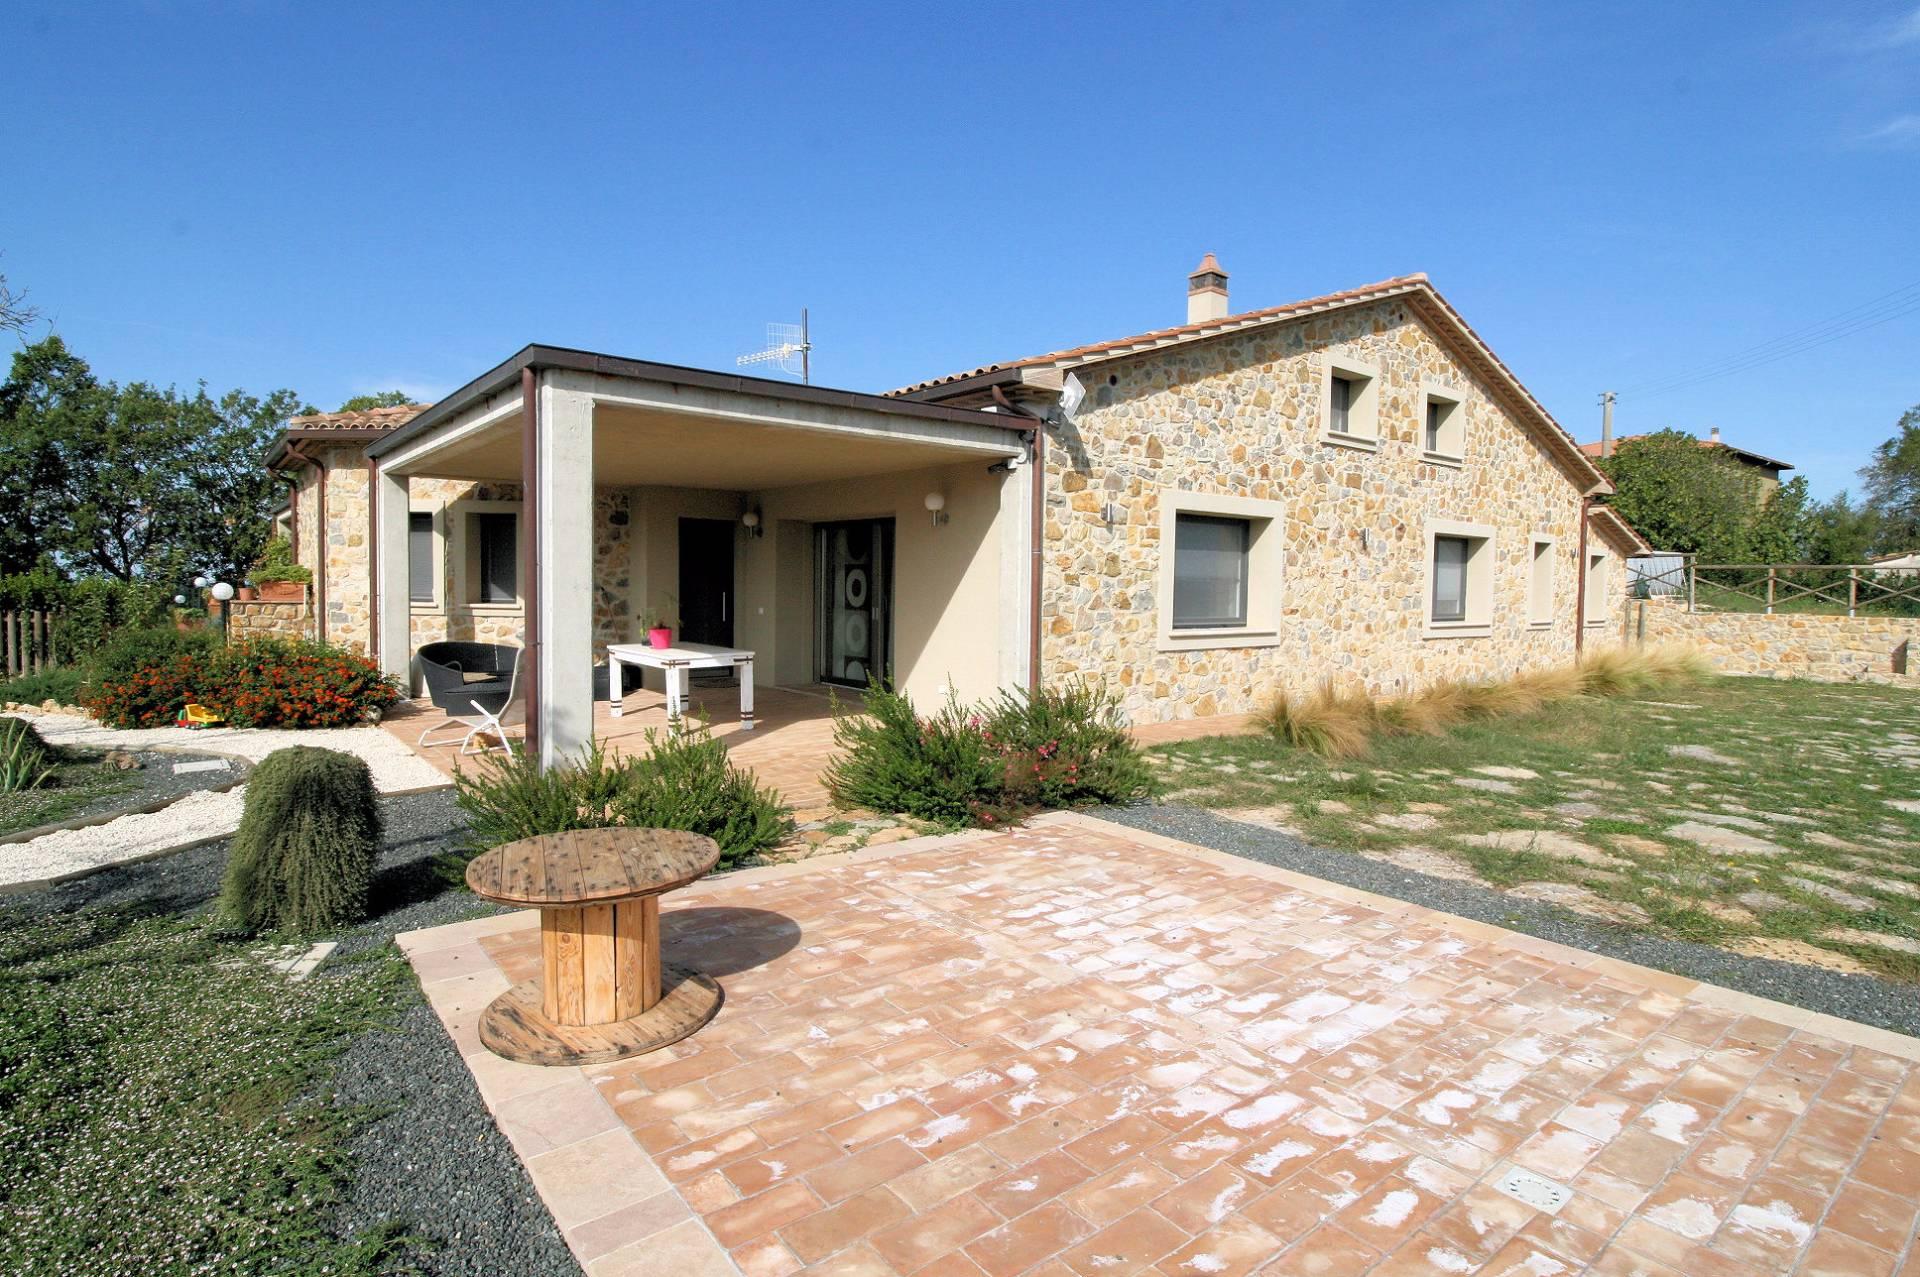 Rustico / Casale in vendita a Manciano, 7 locali, prezzo € 435.000 | CambioCasa.it